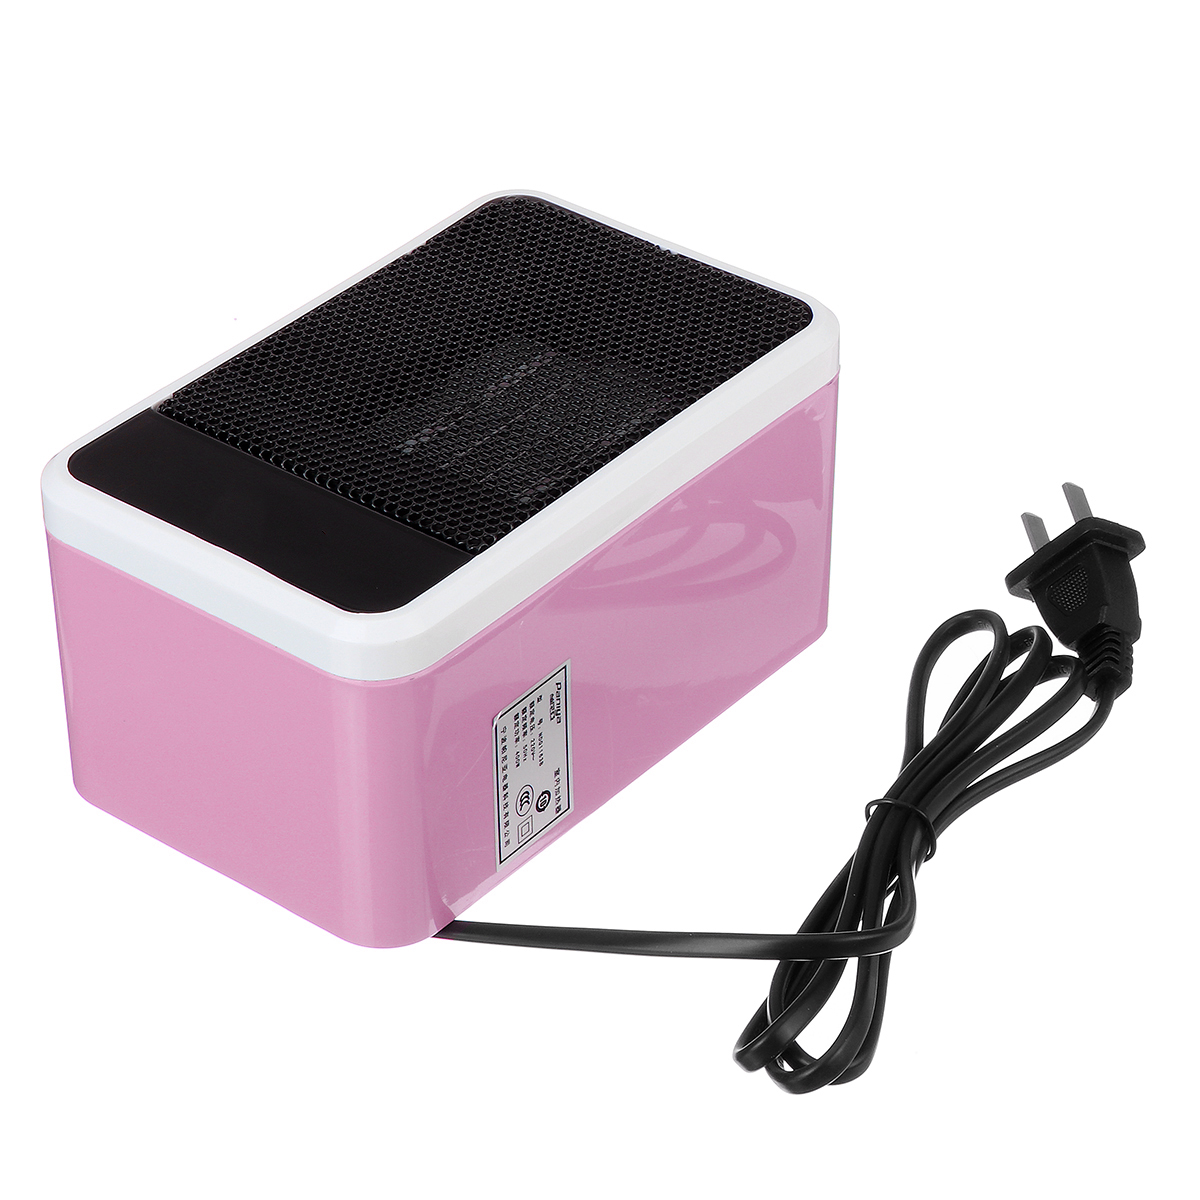 220V 400W Portable Desktop Electric Heater Heating Fan Mini Household Office Winter Warmer